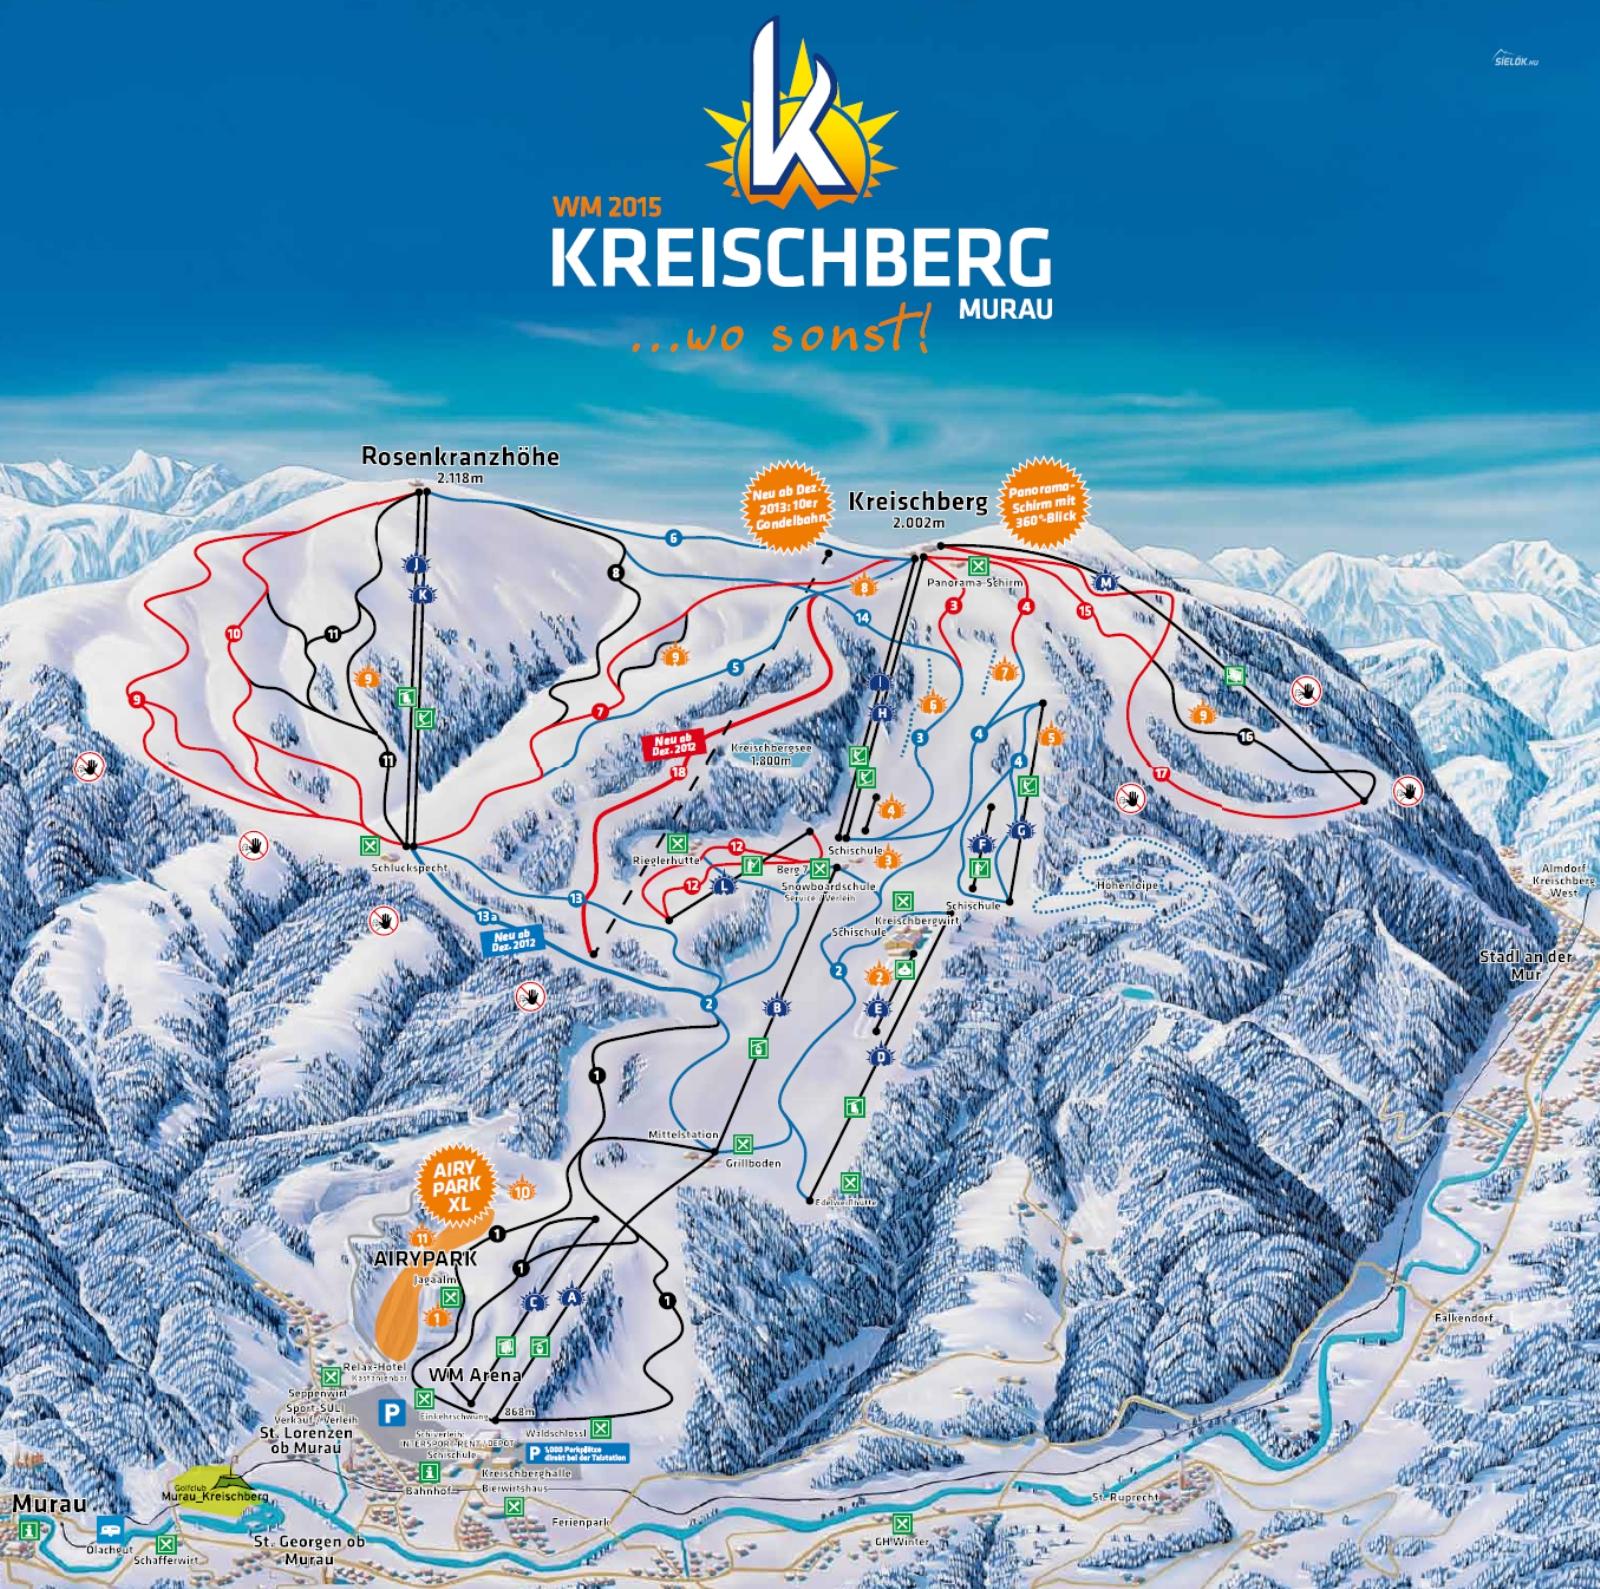 muraukkreischberg